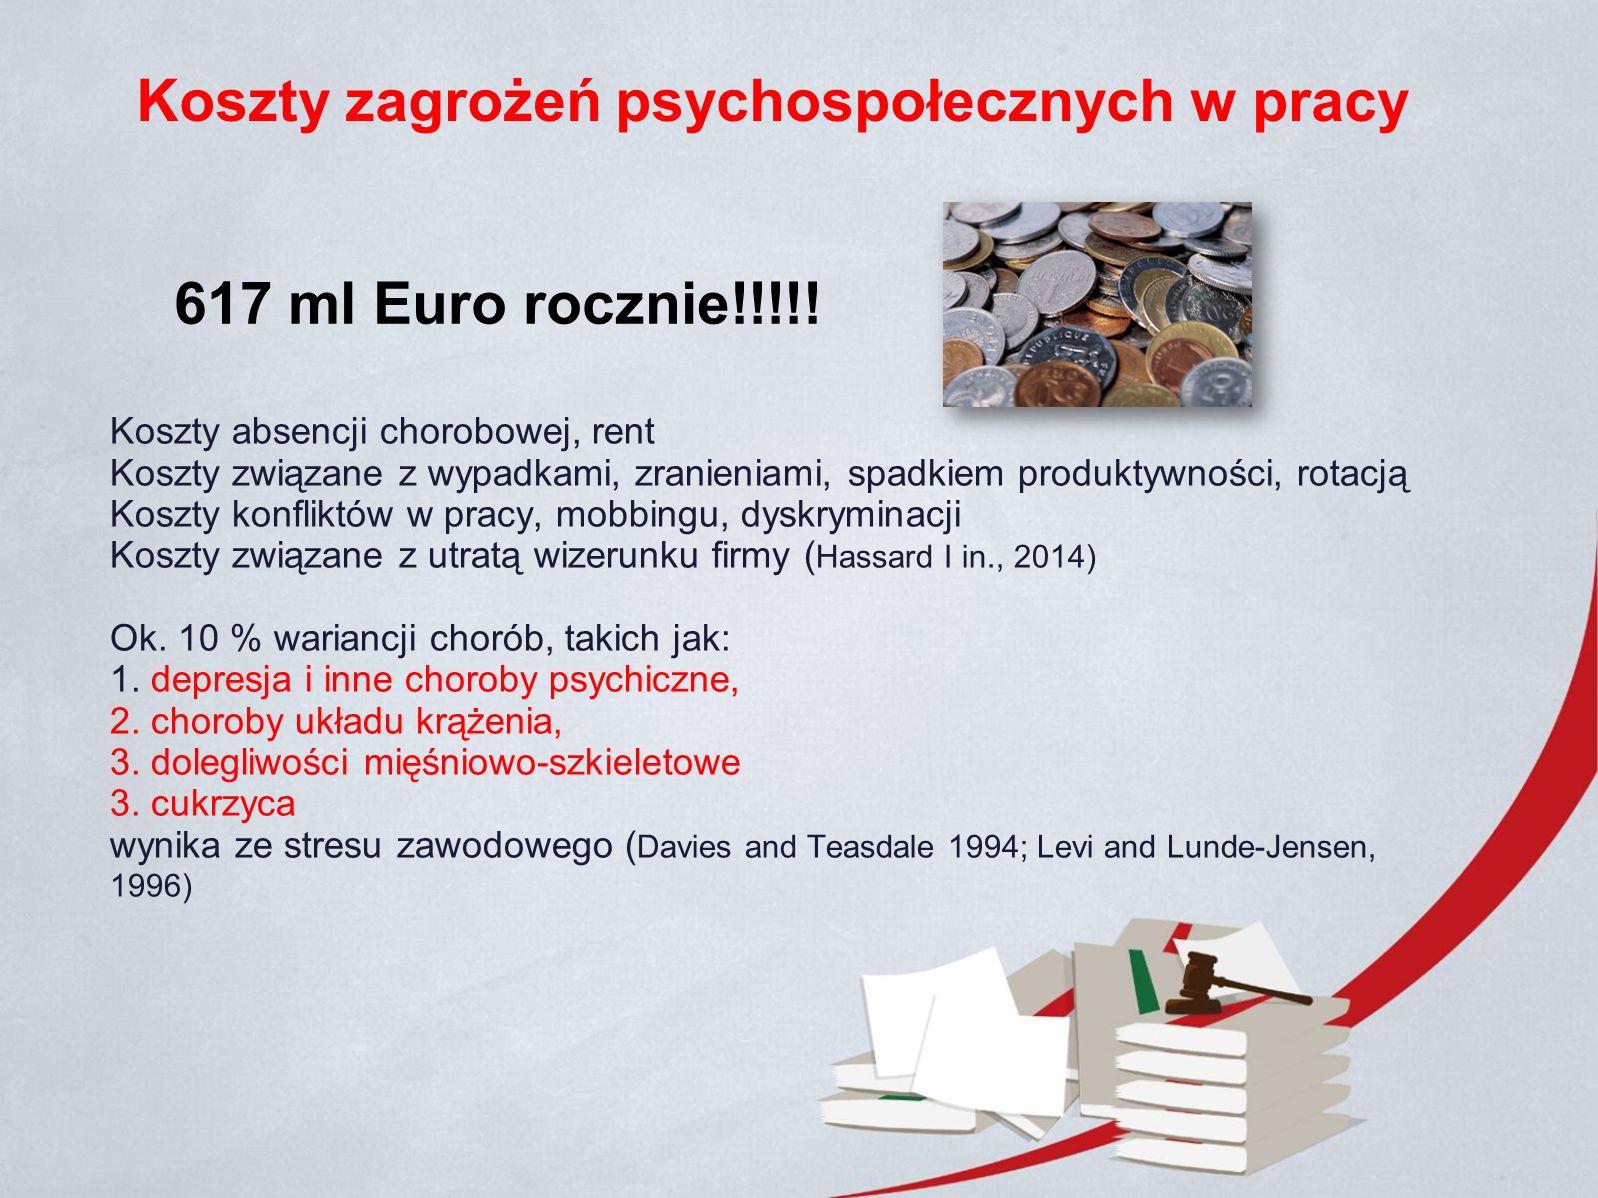 PL EU-27 wdrożenie procedur rozwiązywania konfliktów reorganizacja miejsca pracy poradnictwo dla pracowników zmiany w organizacji czasu pracy zmiany w sposobie zorganizowania pracy szkolenia Praktykowane sposoby ograniczania ryzyka psychospołecznego w opinii kierowników